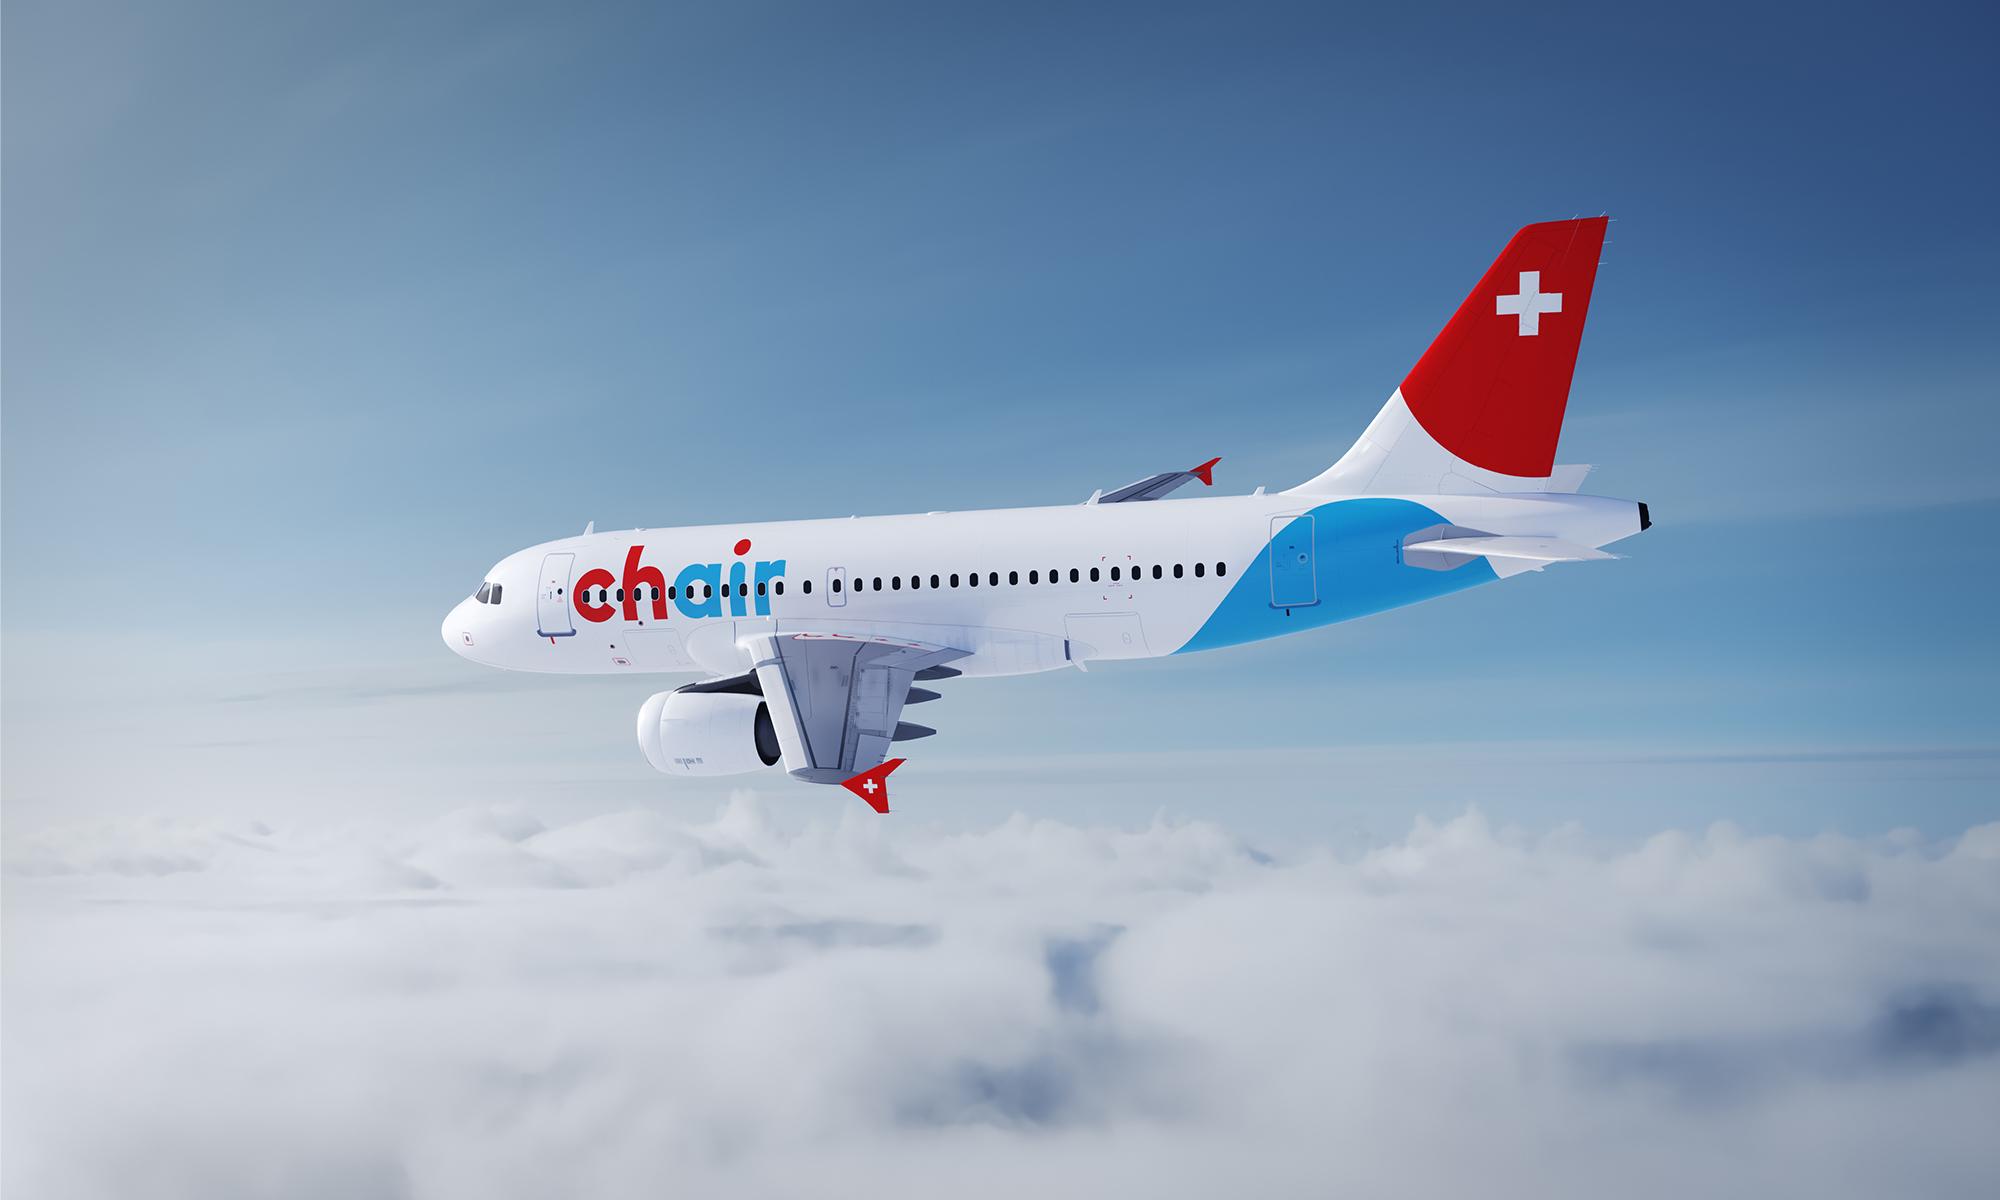 Bild des neuen Designs auf einem Flugzeug (Livery), fliegend am Himmel